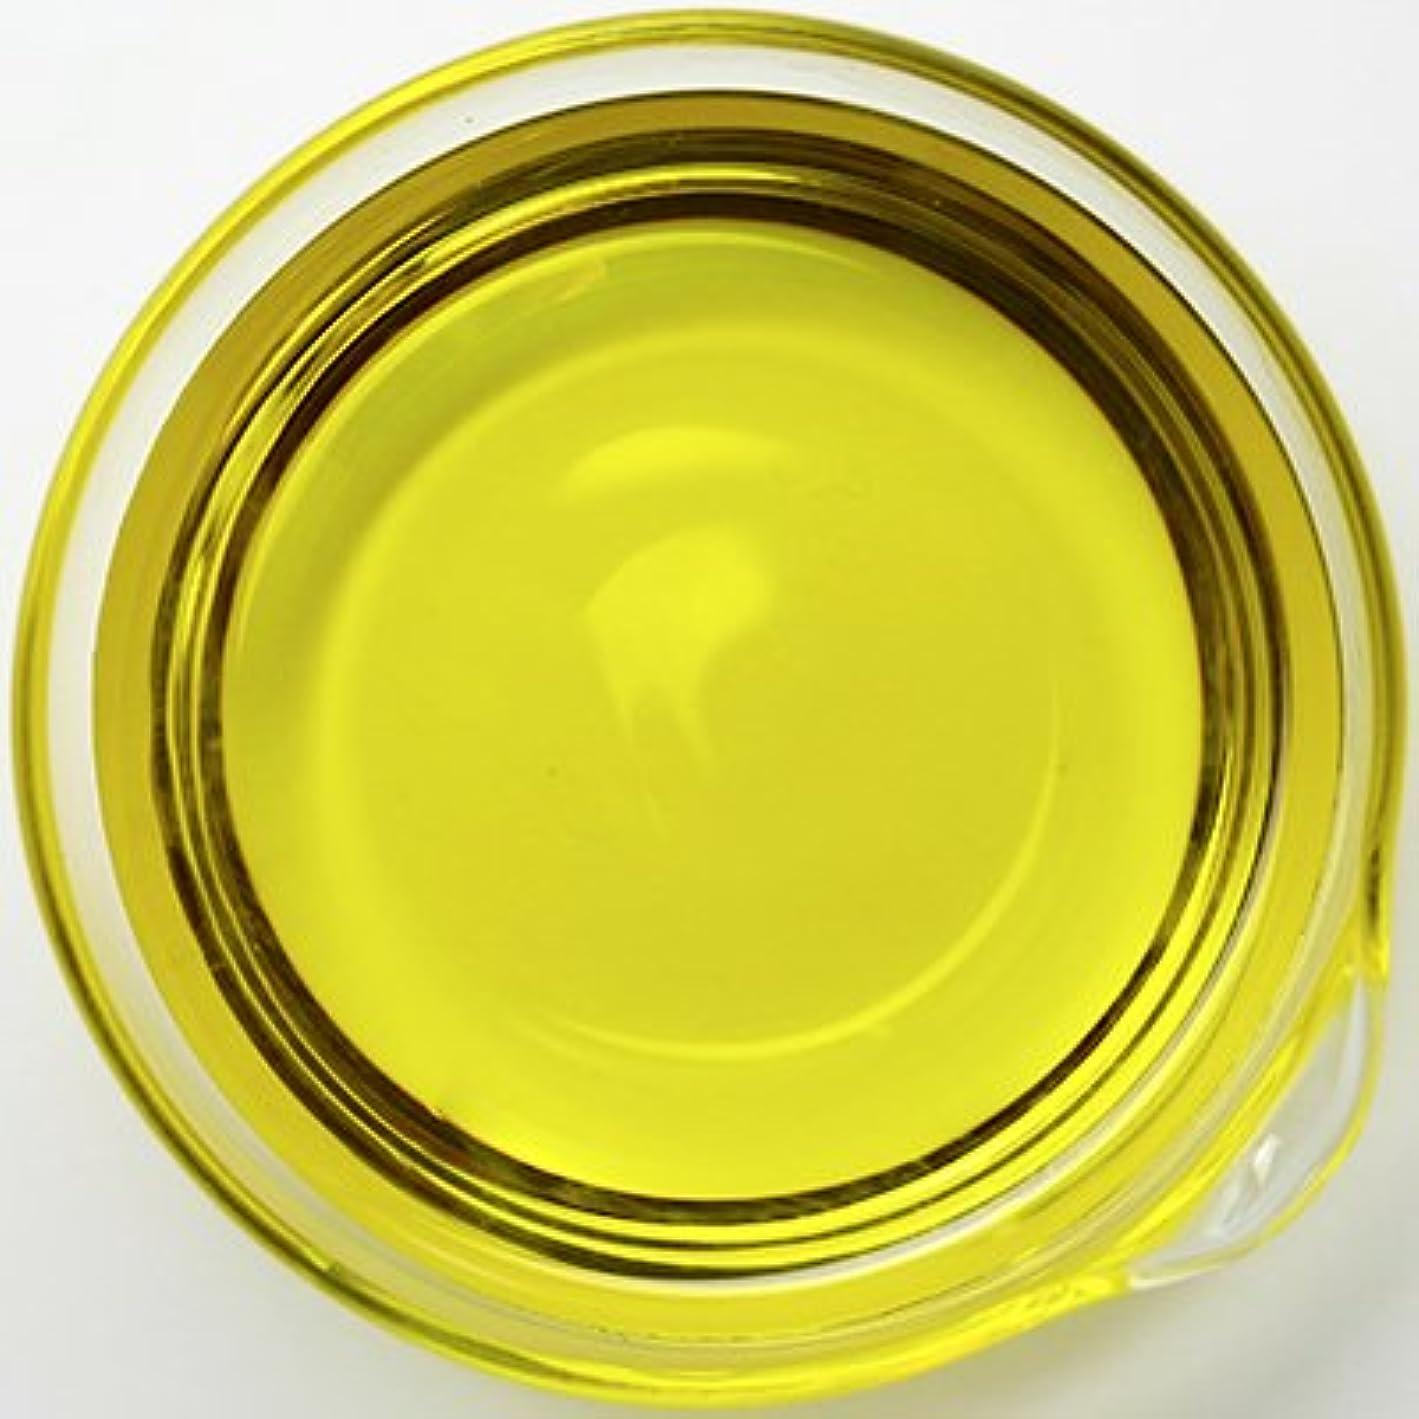 出しますリングバック大きなスケールで見るとオーガニック アルニカオイル [アルニカ抽出油] 500ml 【アルニカ油/手作り石鹸/手作りコスメ/美容オイル/キャリアオイル/マッサージオイル】